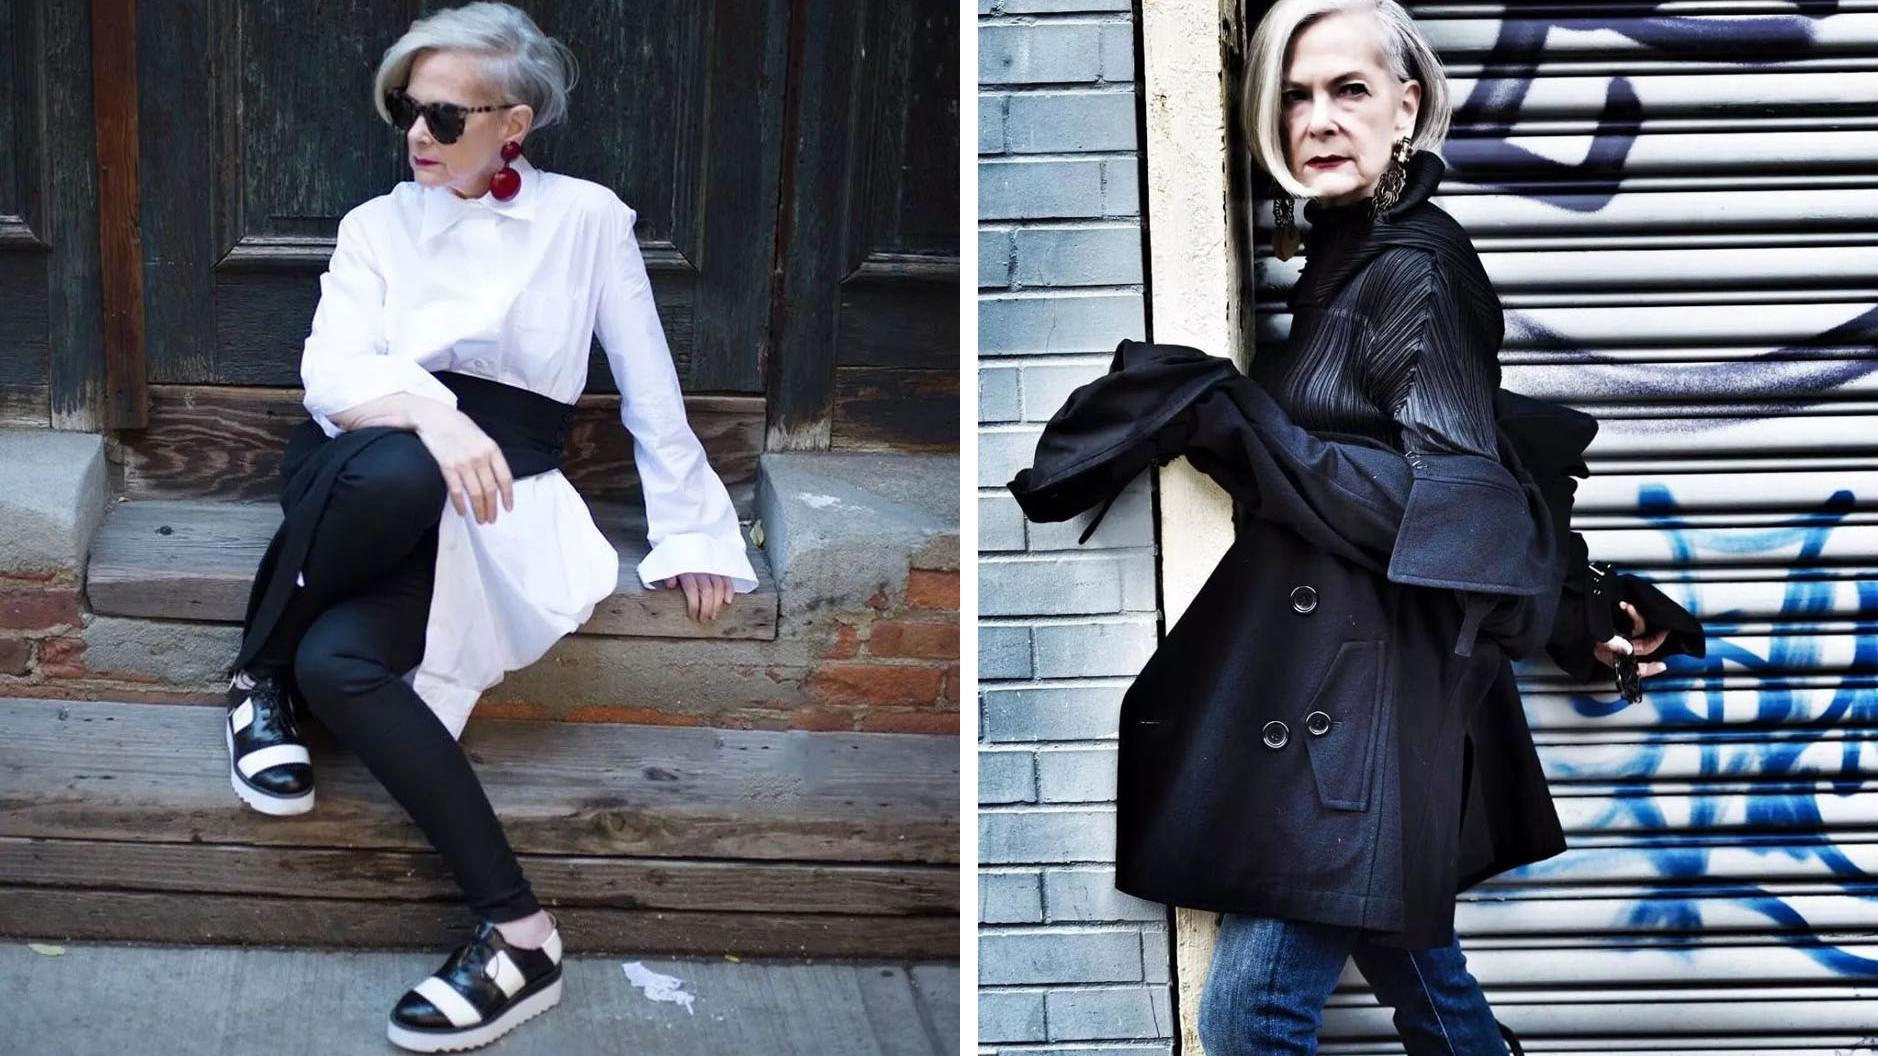 这位花甲老奶奶太惊艳!穿搭时髦优雅有气质,个性一点不输年轻人